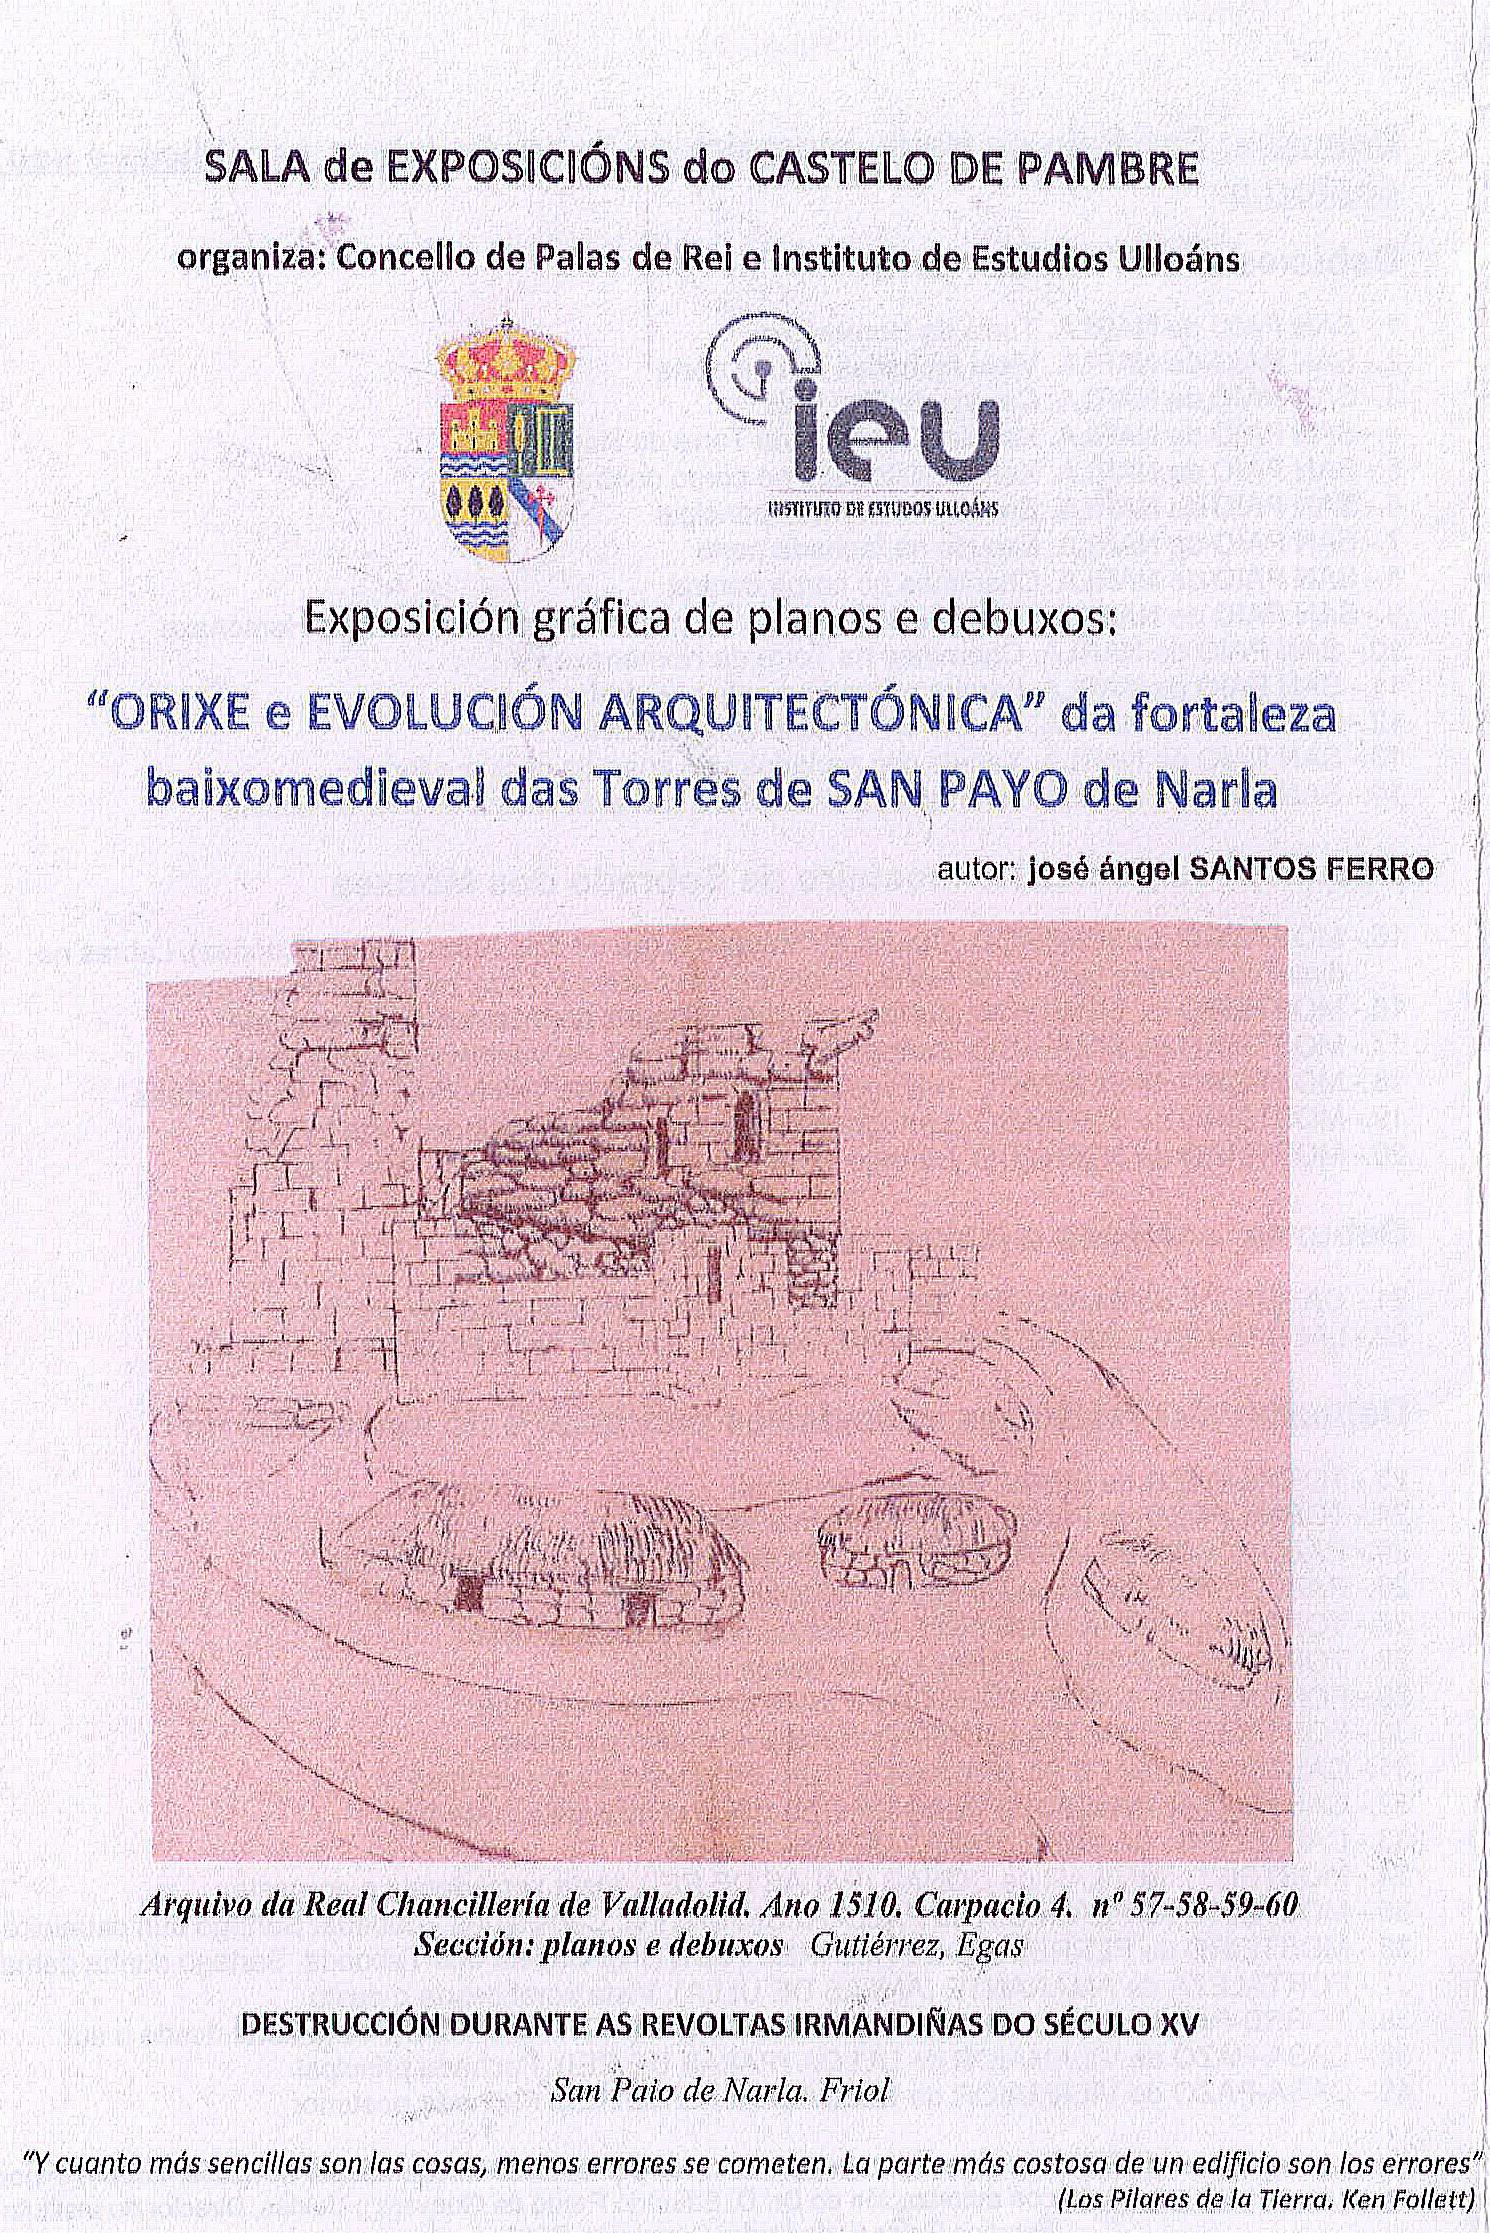 Orixe e evolucion San Paio de Narla, castelo de Pambre, Instituto de Estudos Ulloáns